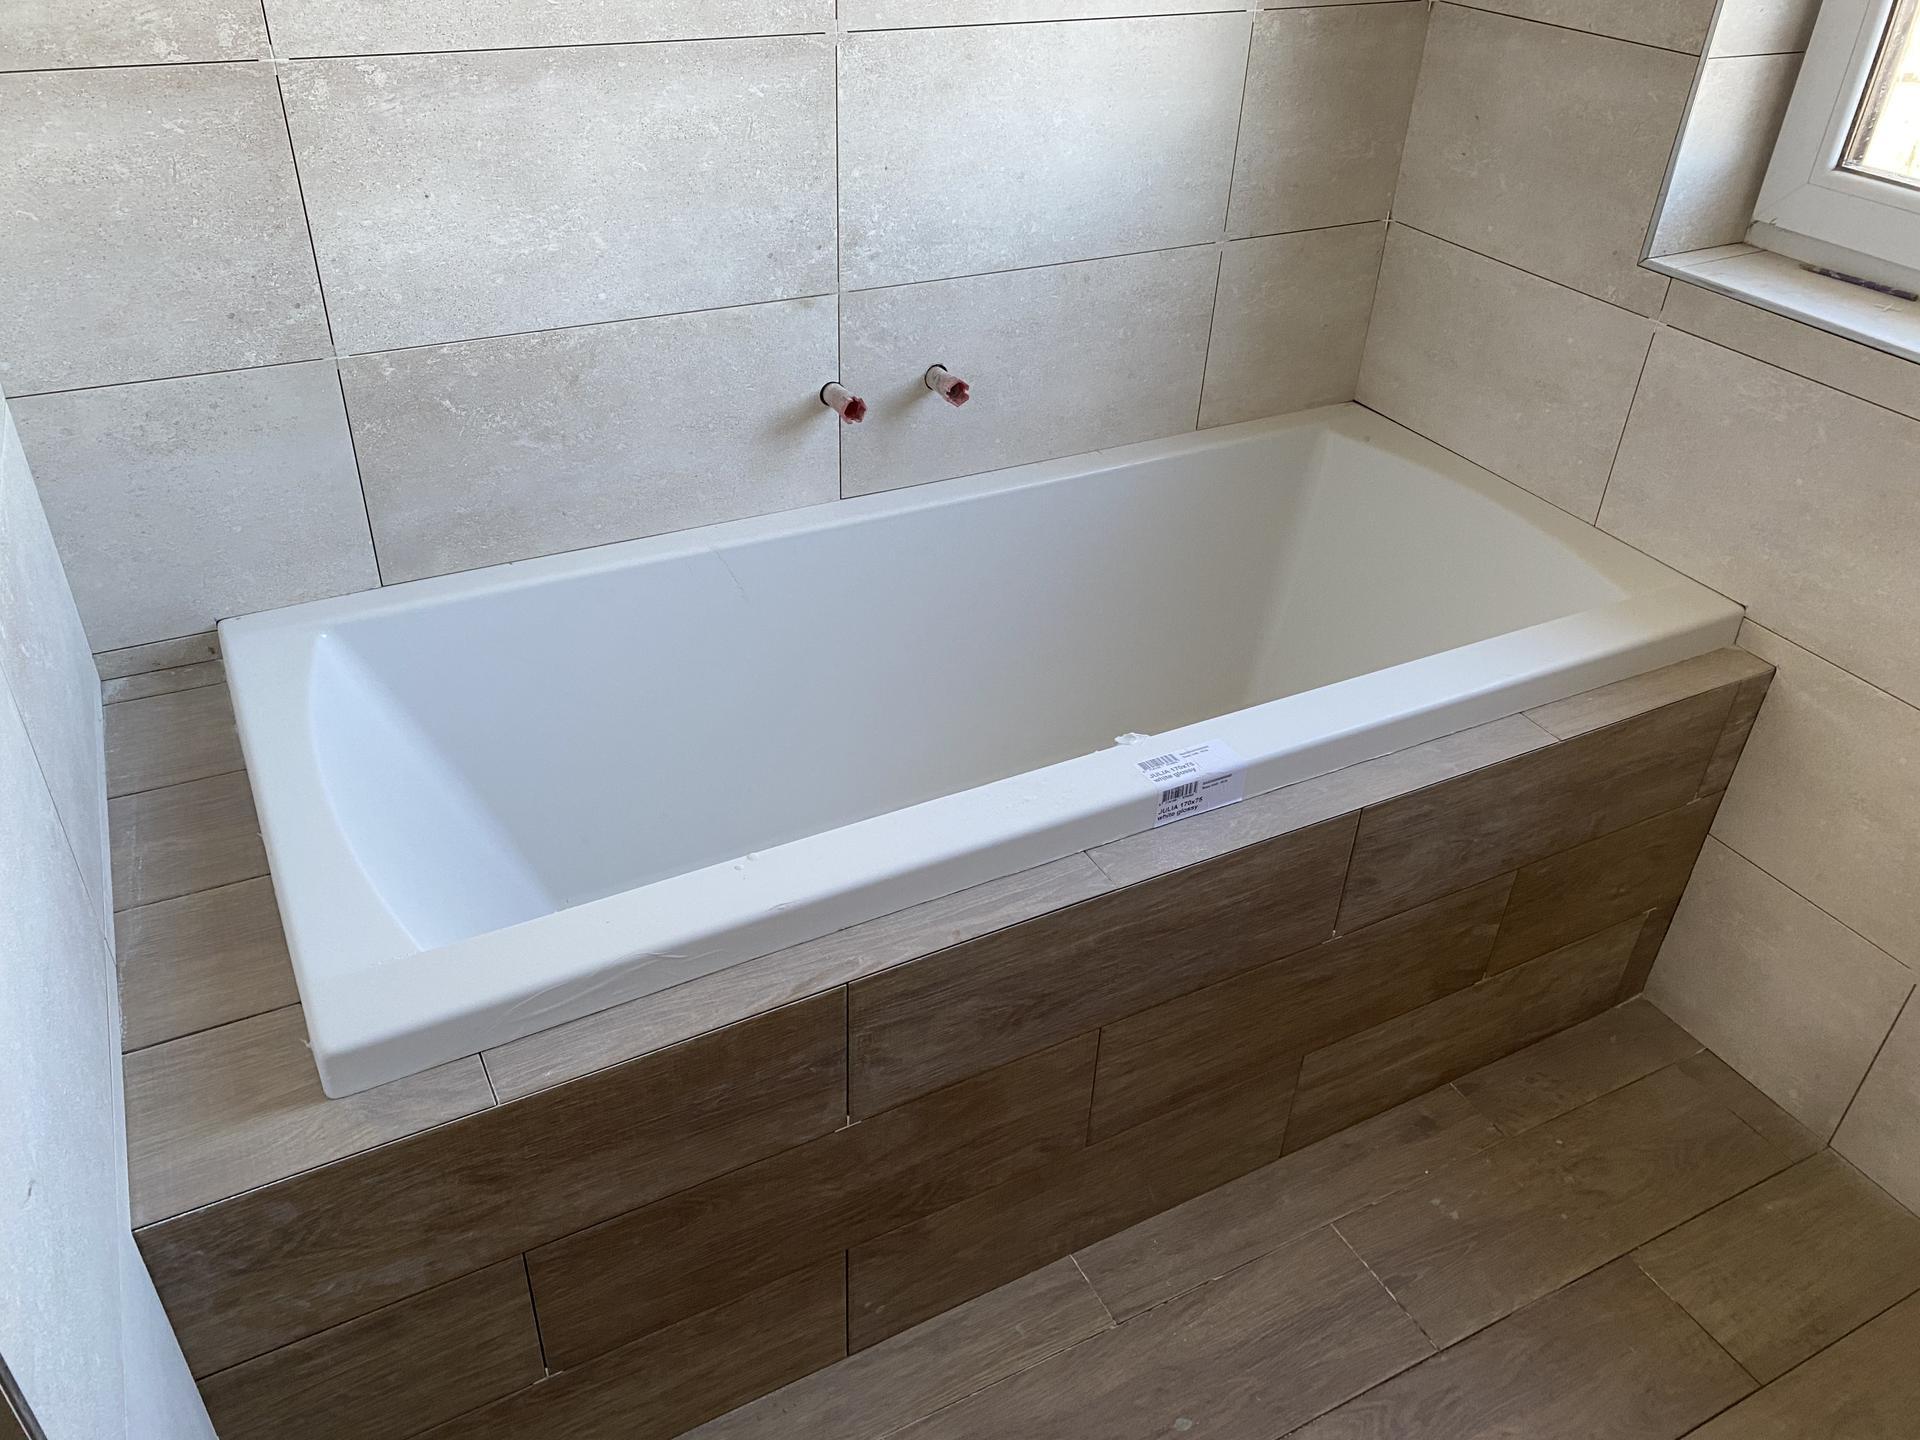 Náš sen bydlení ve vlastním 🏡🍀 - Ten pocit,kdy se těšíte na první koupel 😍